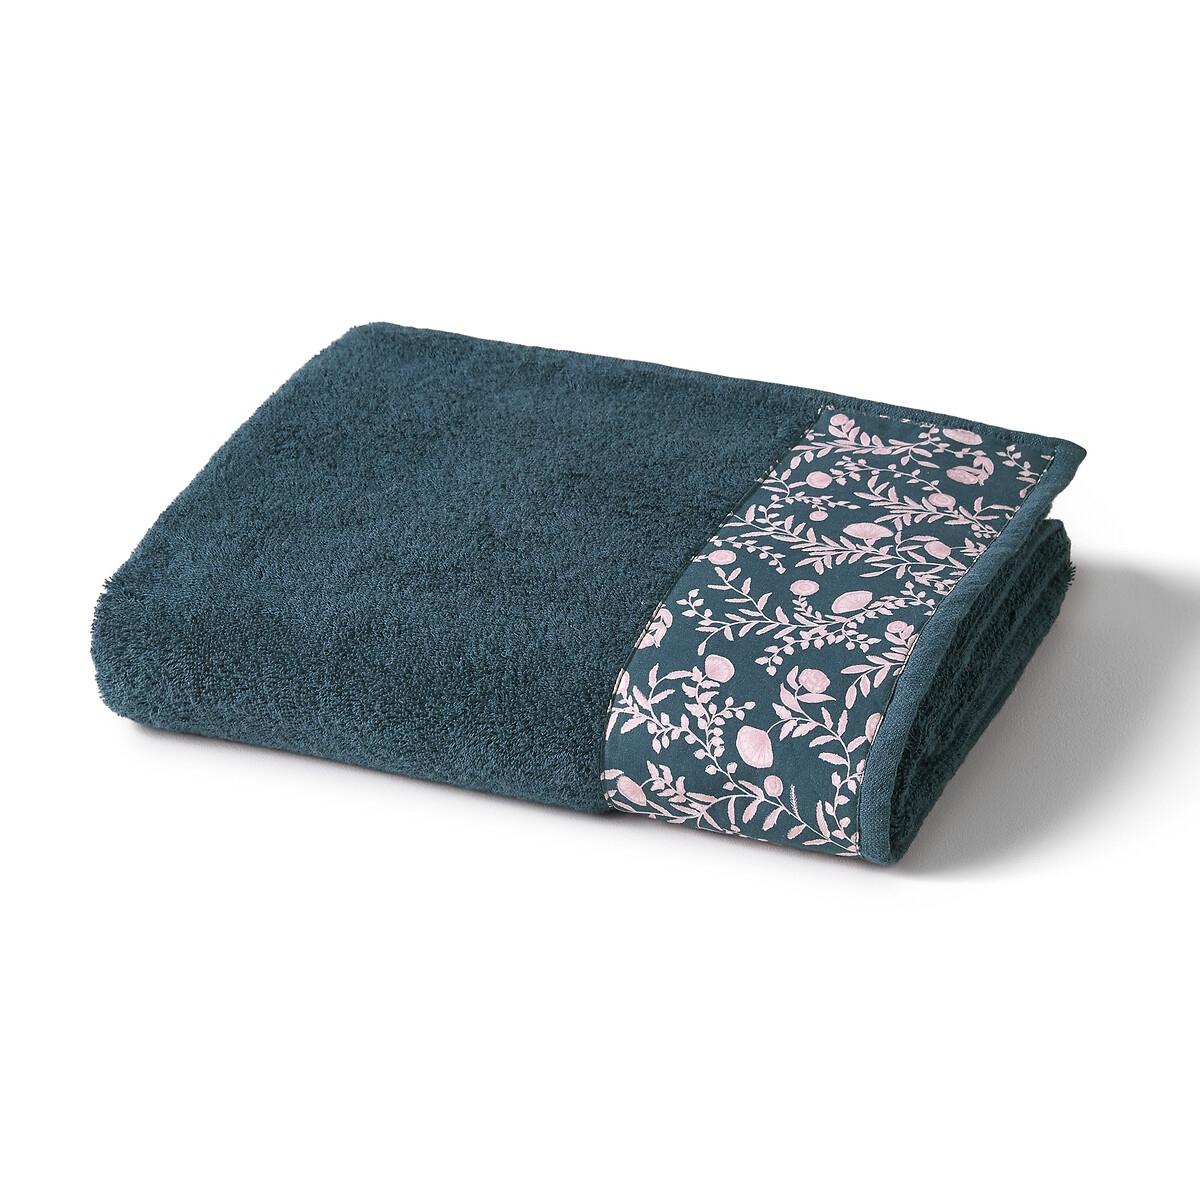 Полотенце La Redoute Туалетное махровое Vimala 50 x 100 см синий полотенце махровое вт забавный мишка цвет синий 33 х 70 см м1053 01